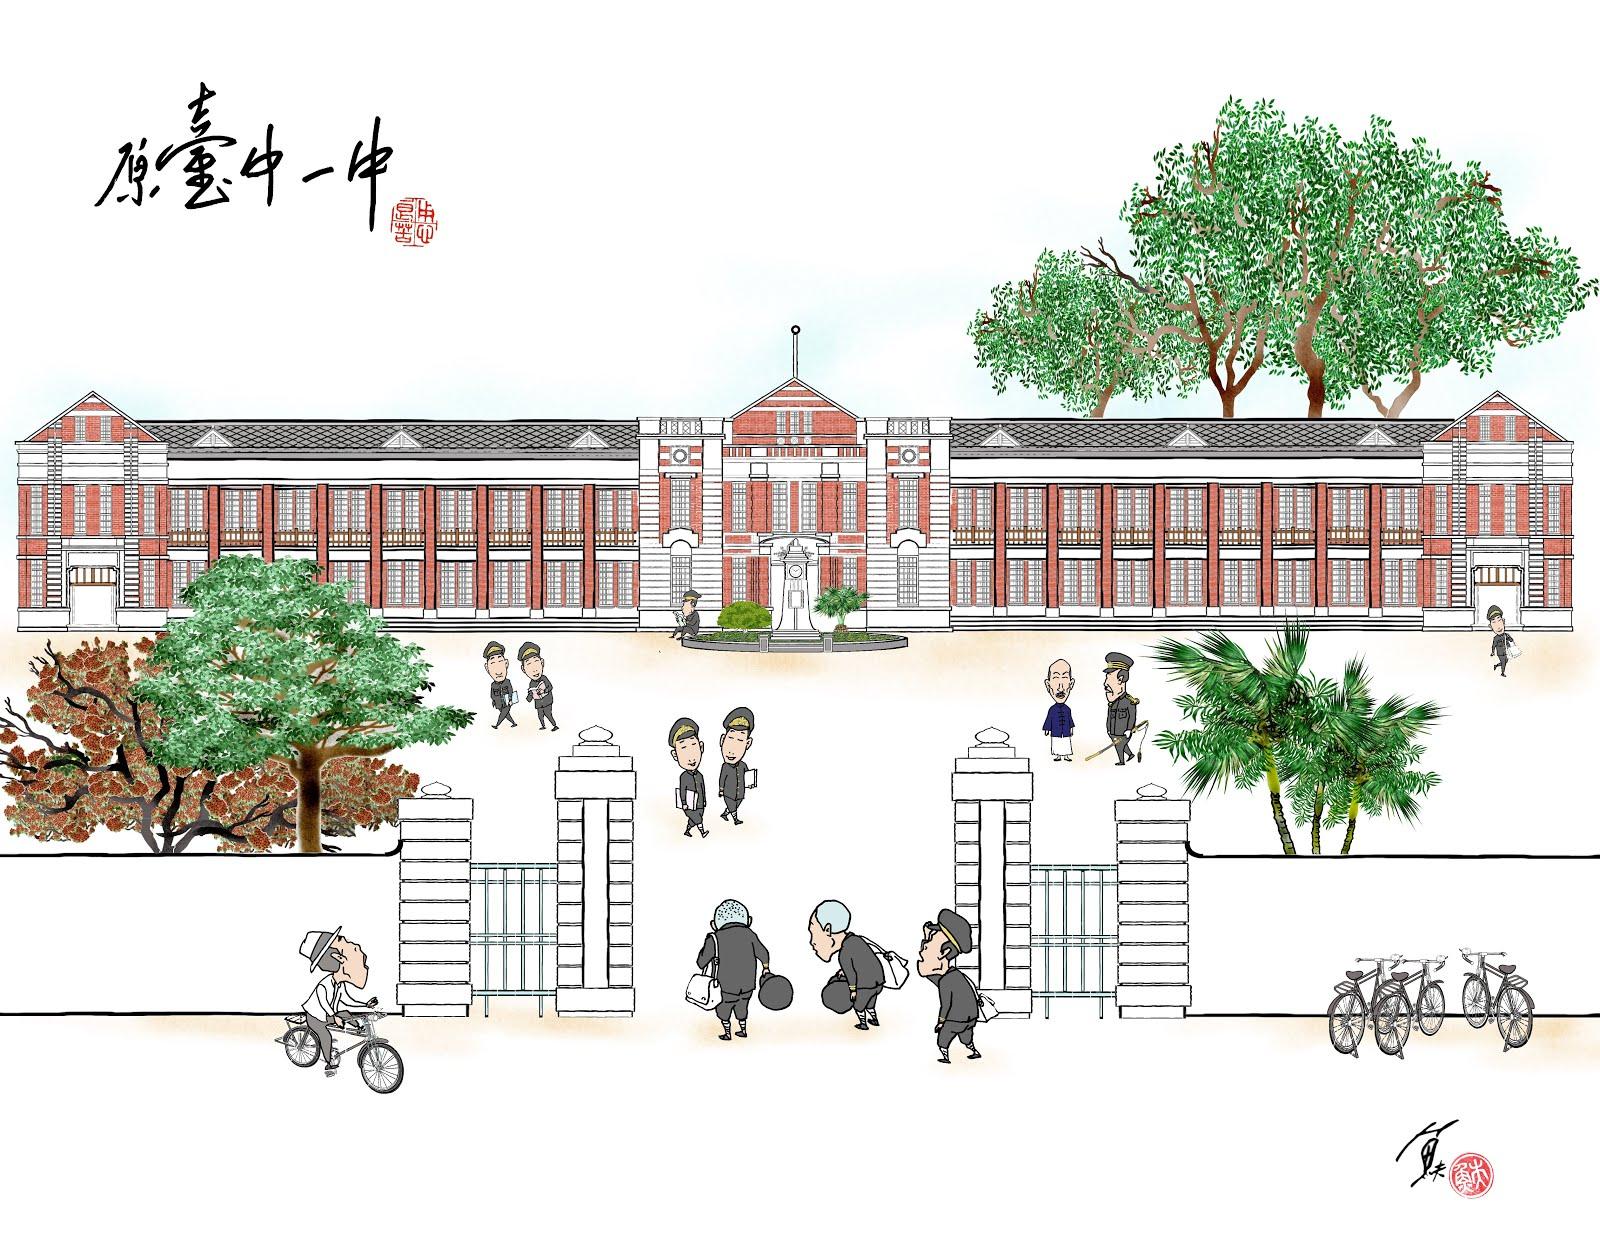 Taichung01jpg.jpg